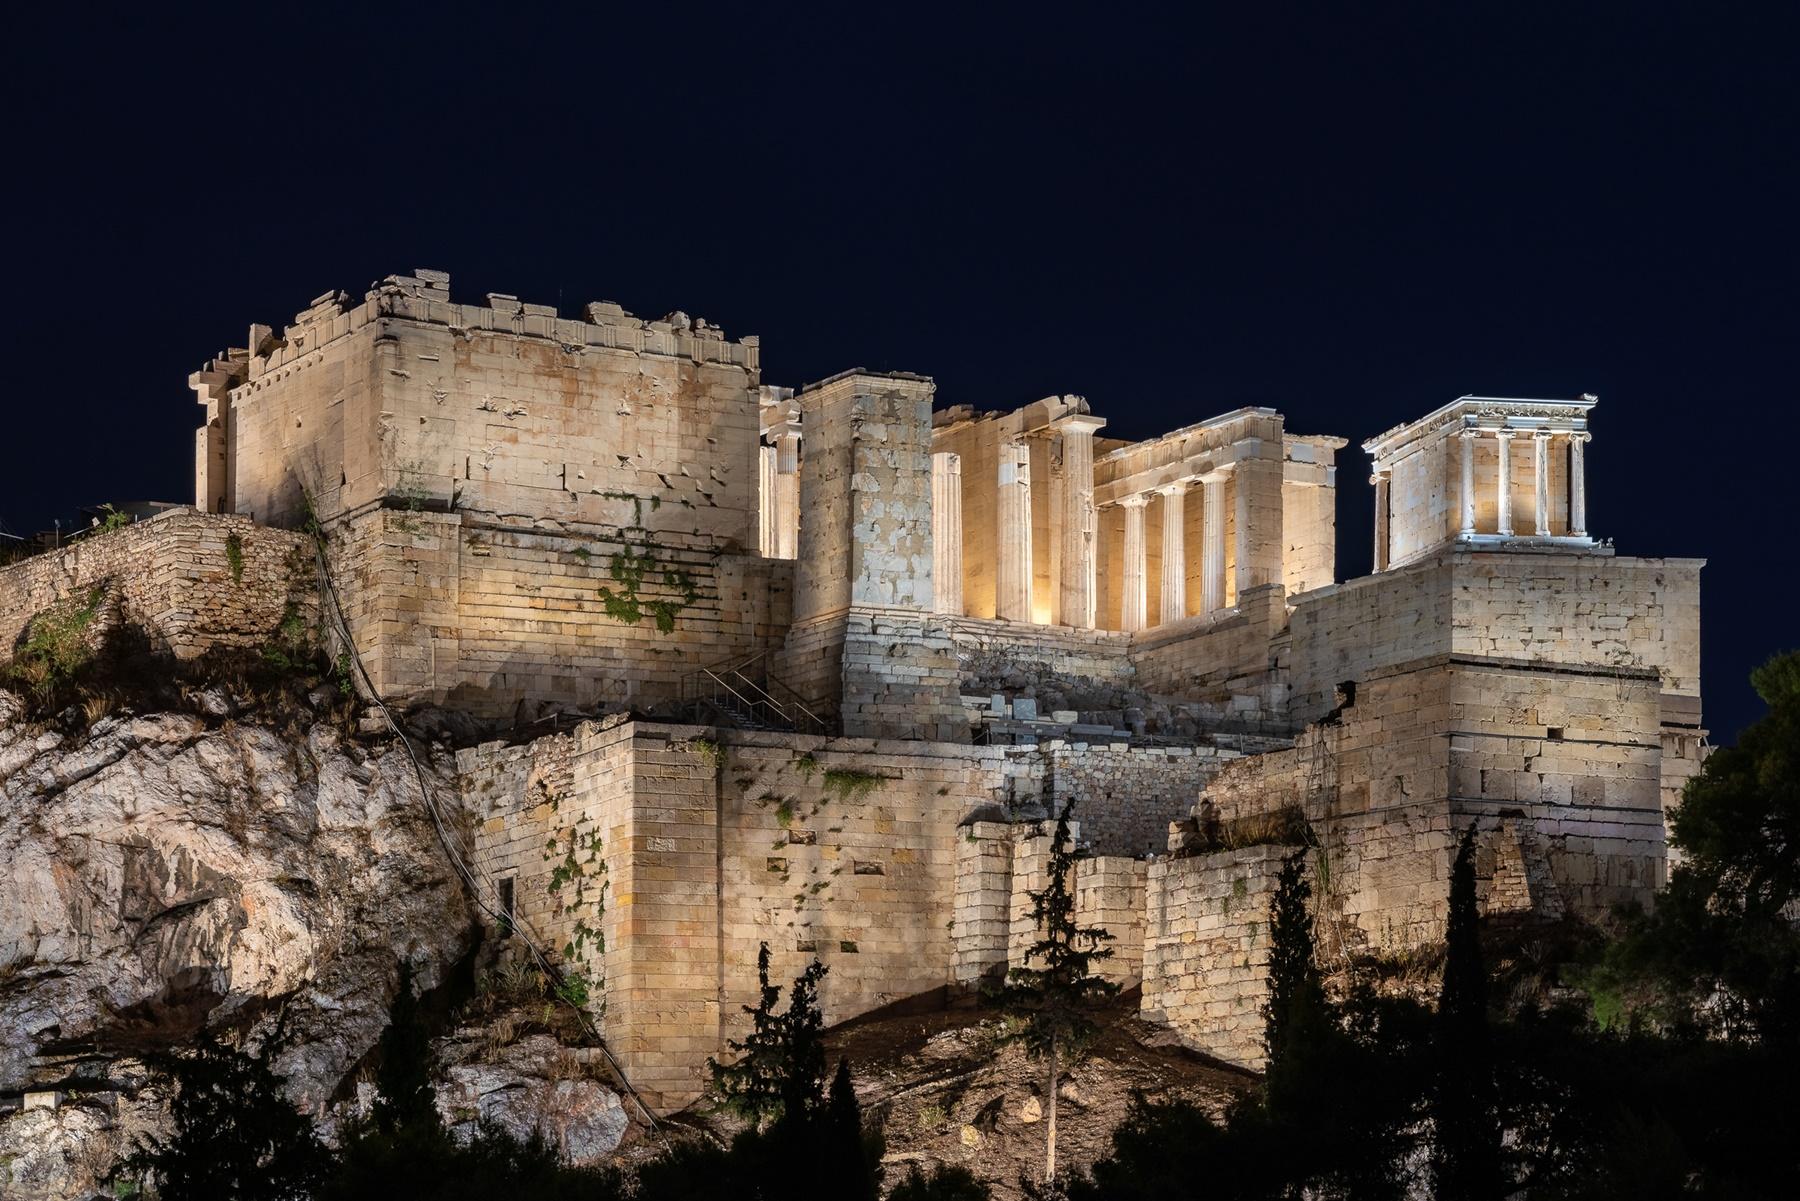 Ακρόπολη νέος φωτισμός: Έλαβε τριπλή διεθνή διάκριση   Alphafreepress.gr